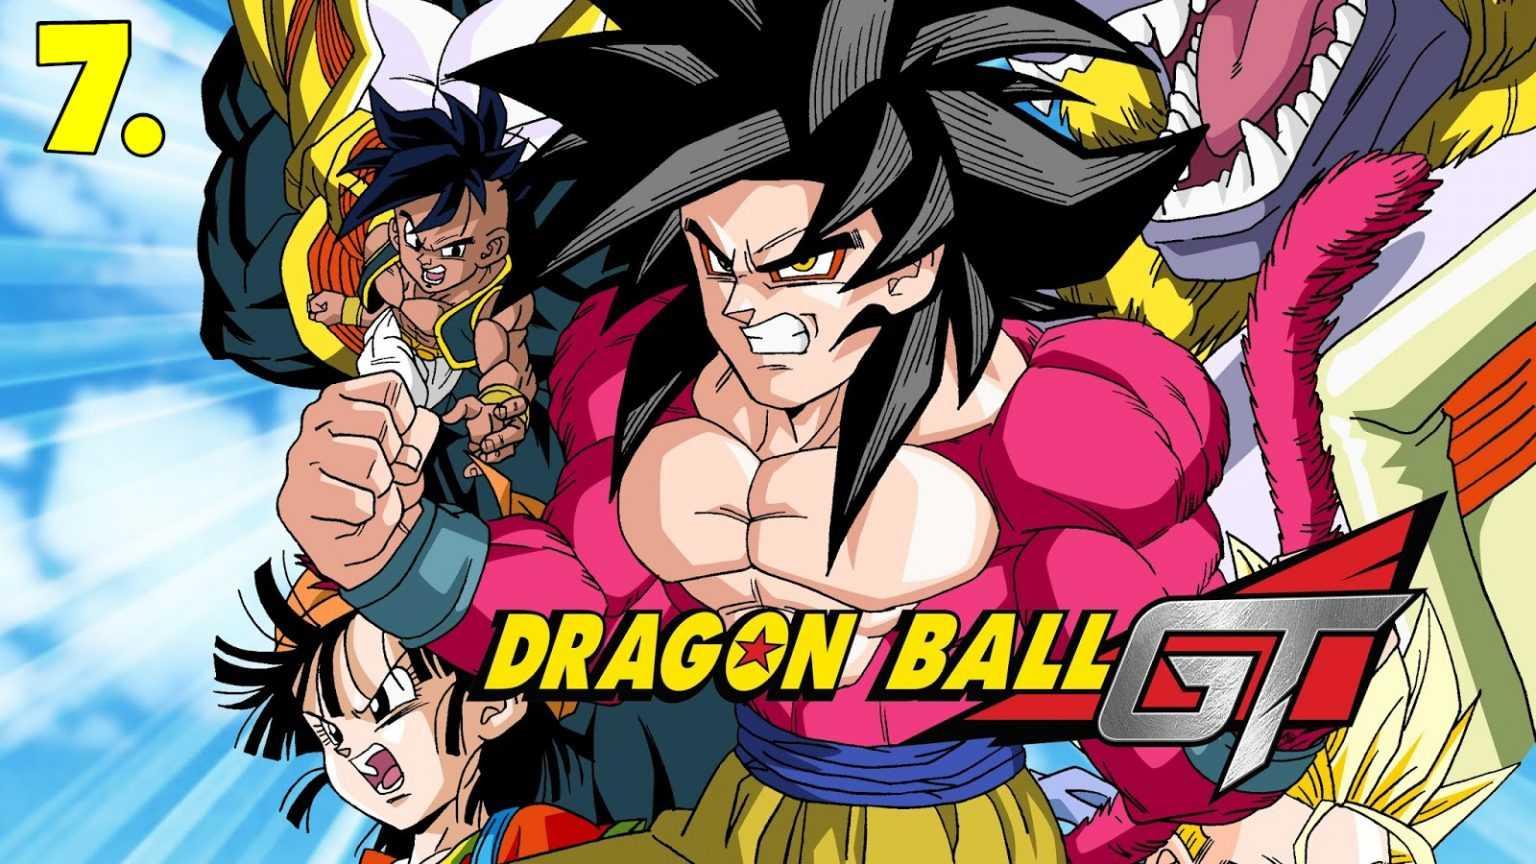 Dragonball-GT